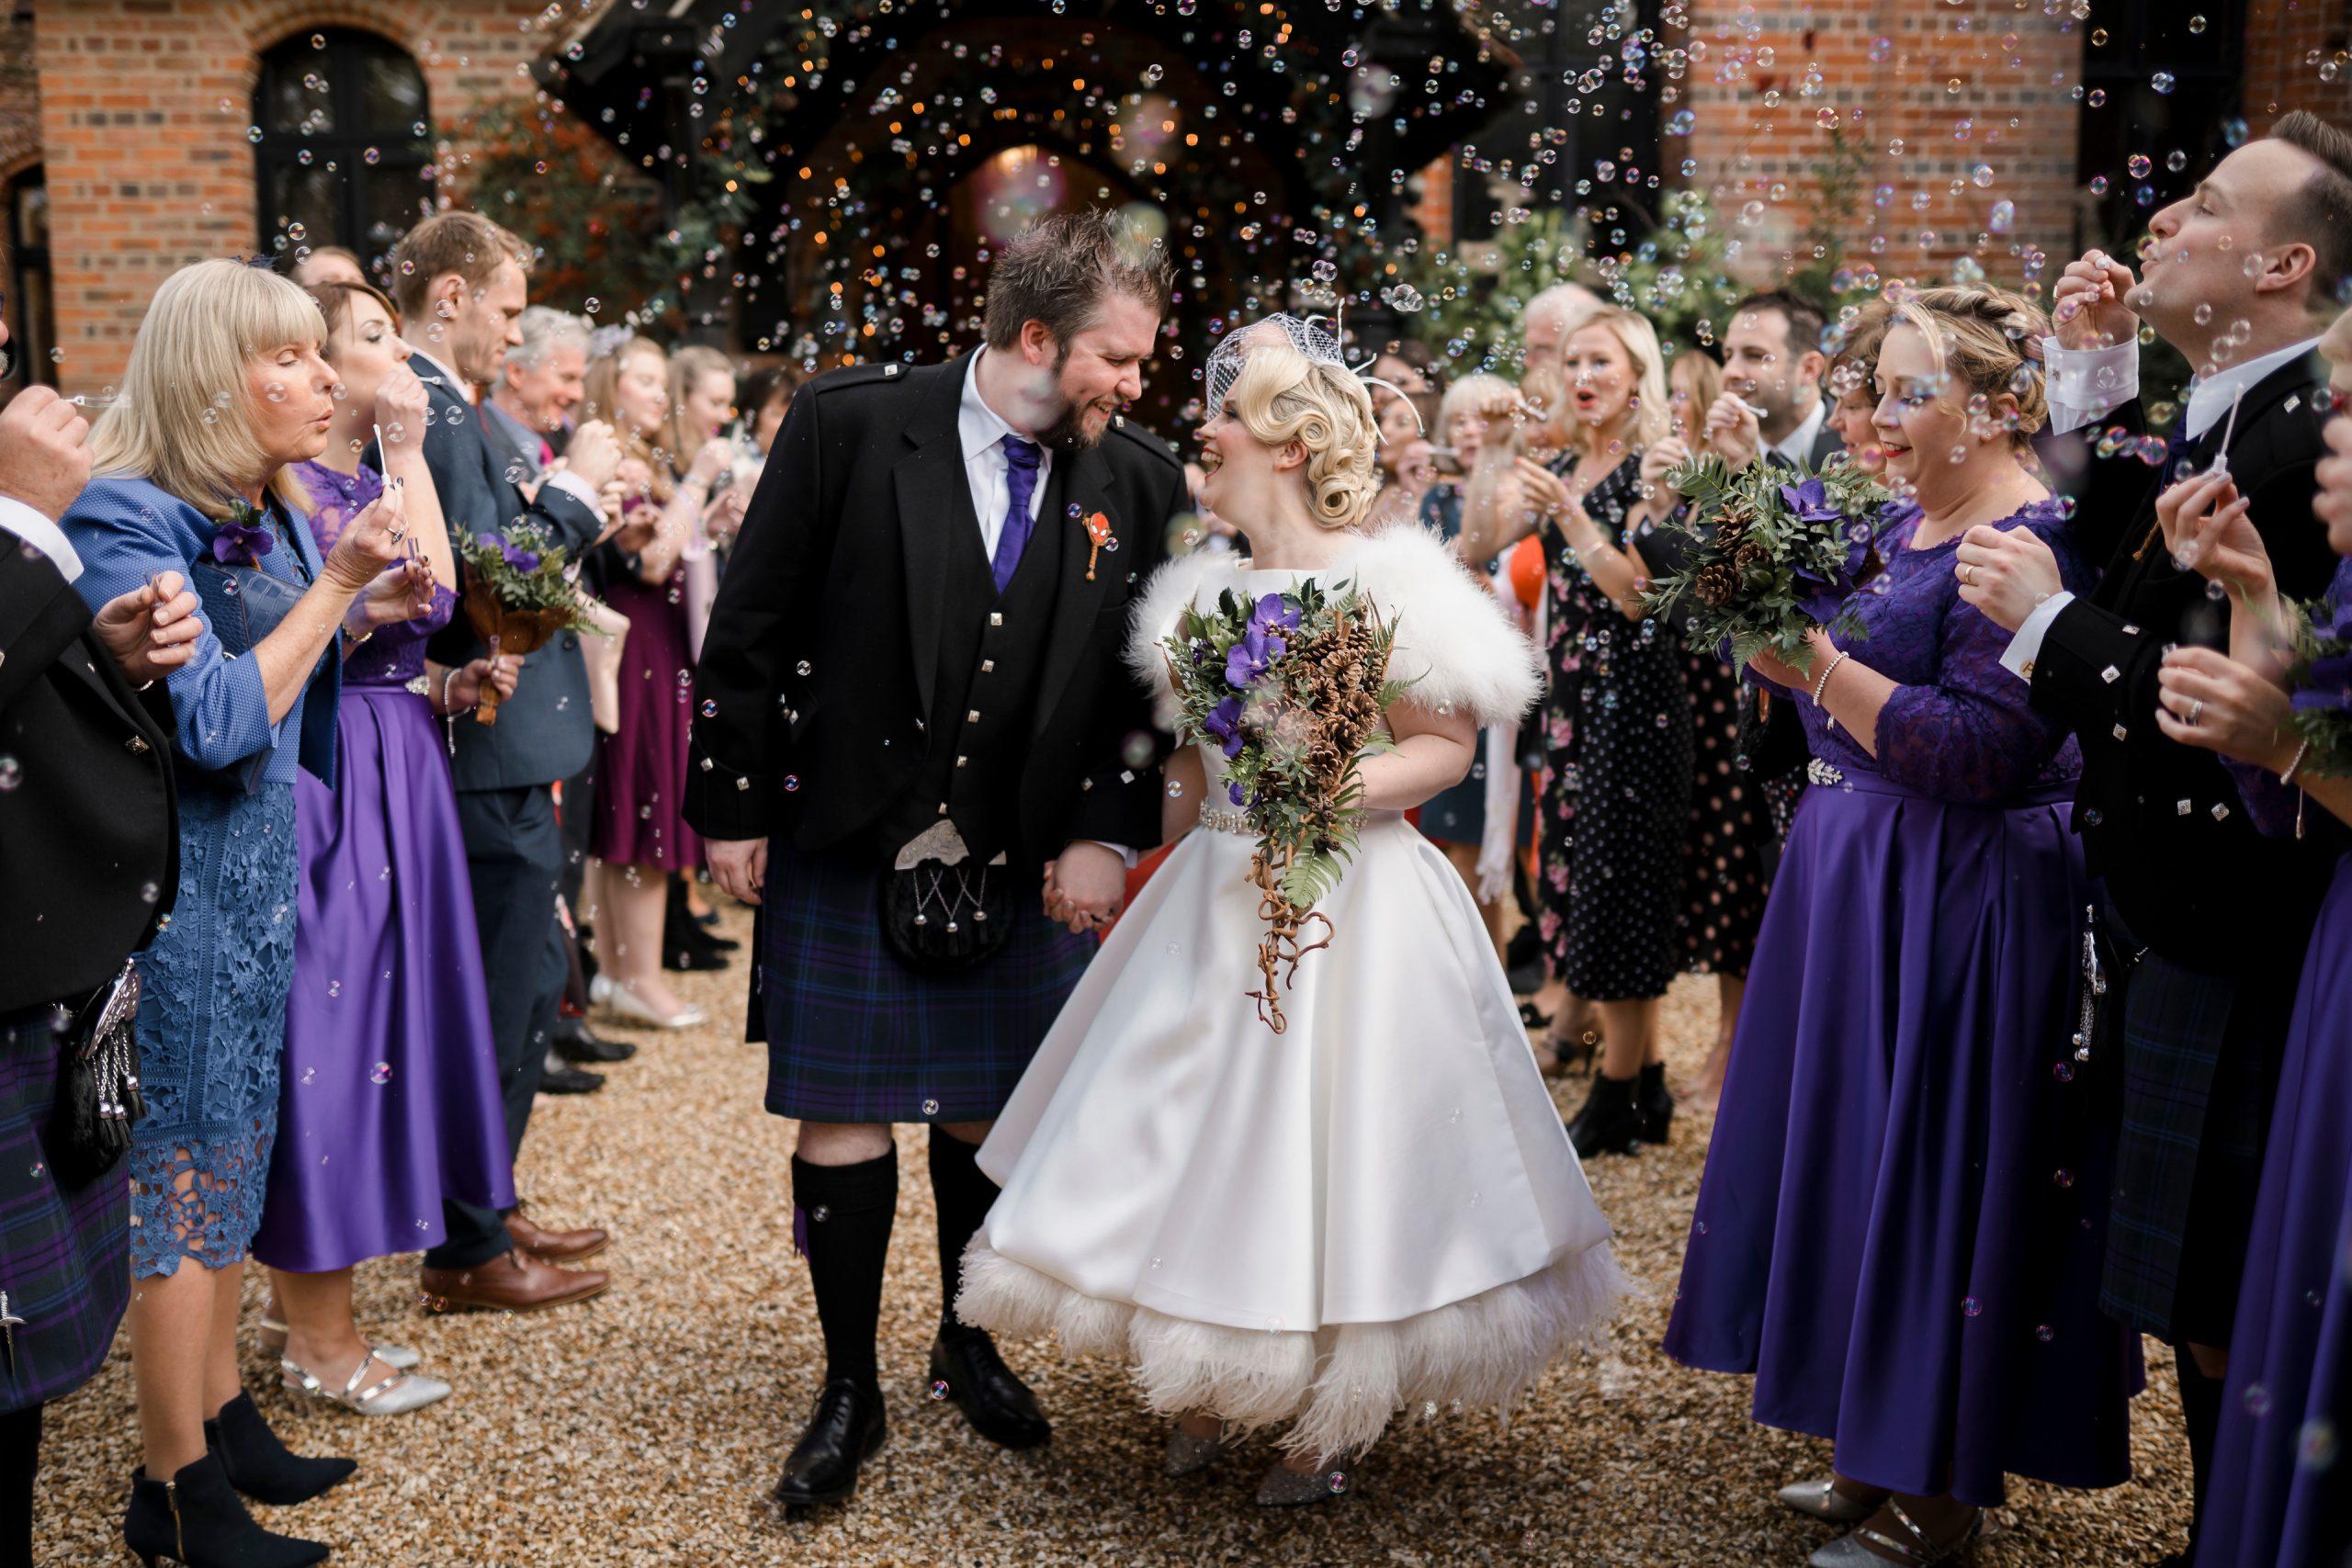 Bubbles Confetti Wedding Photo